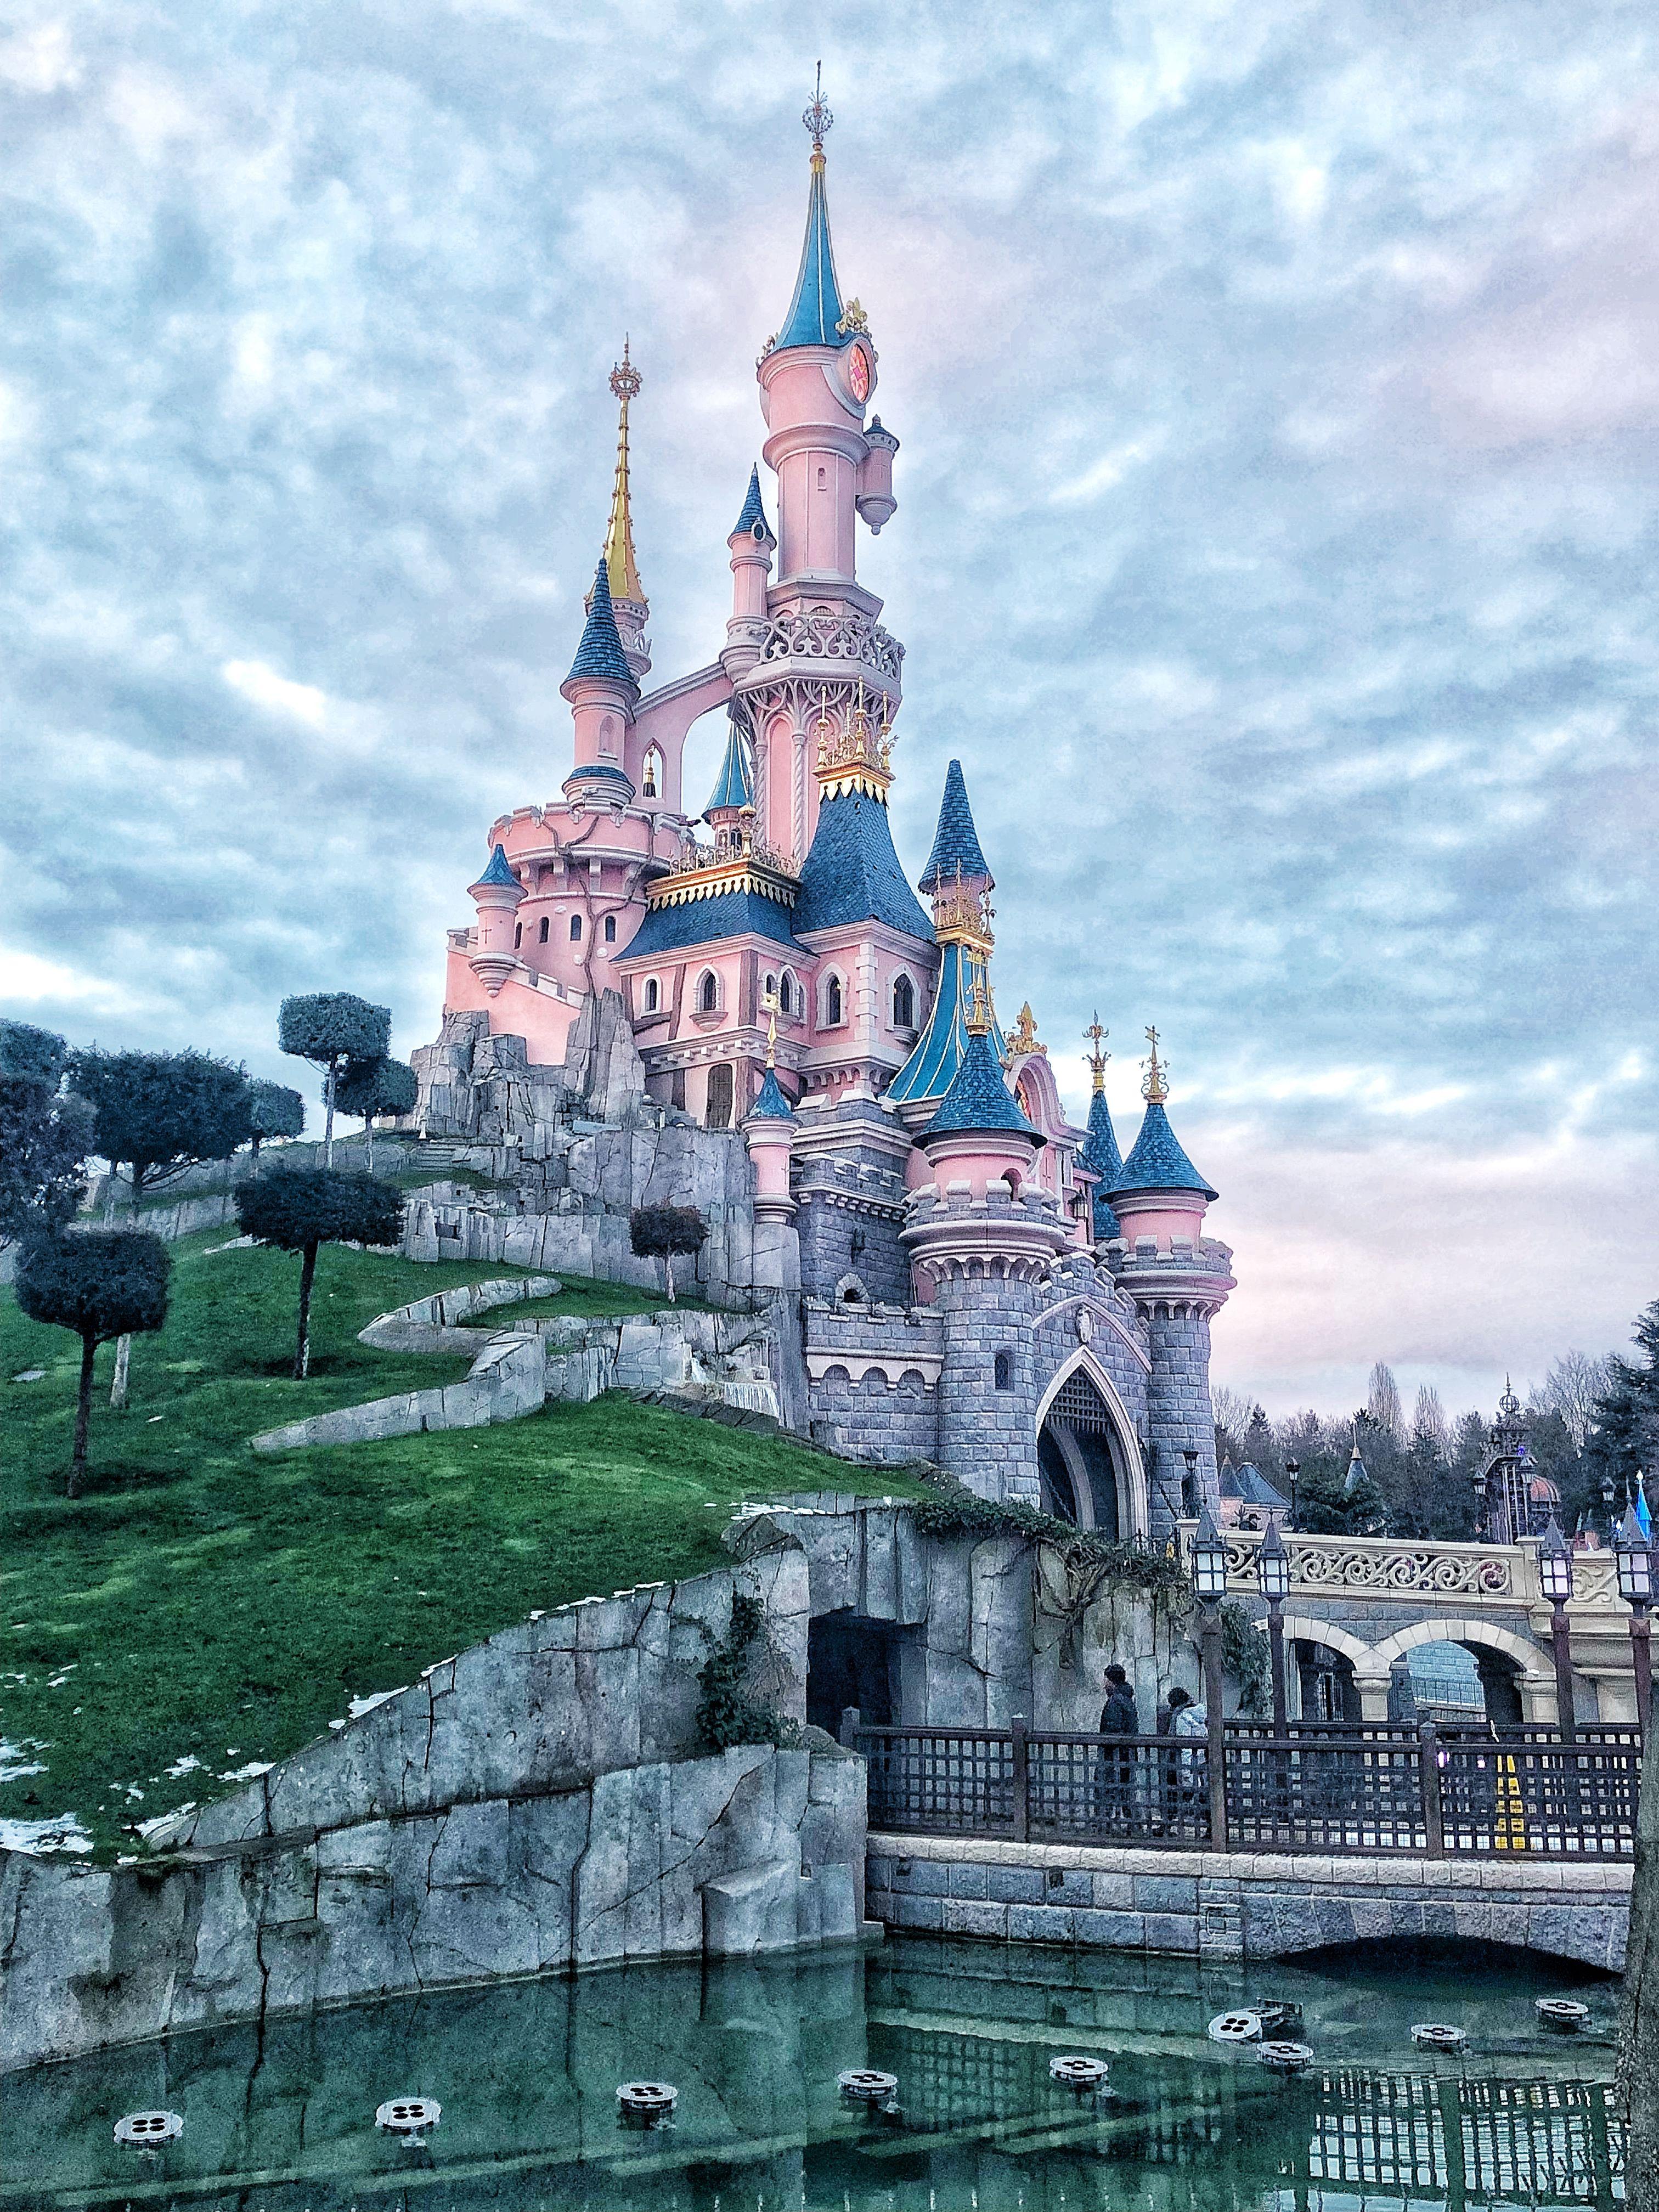 Disneyland Paris / Instagram sofiespinnoy Disneyland